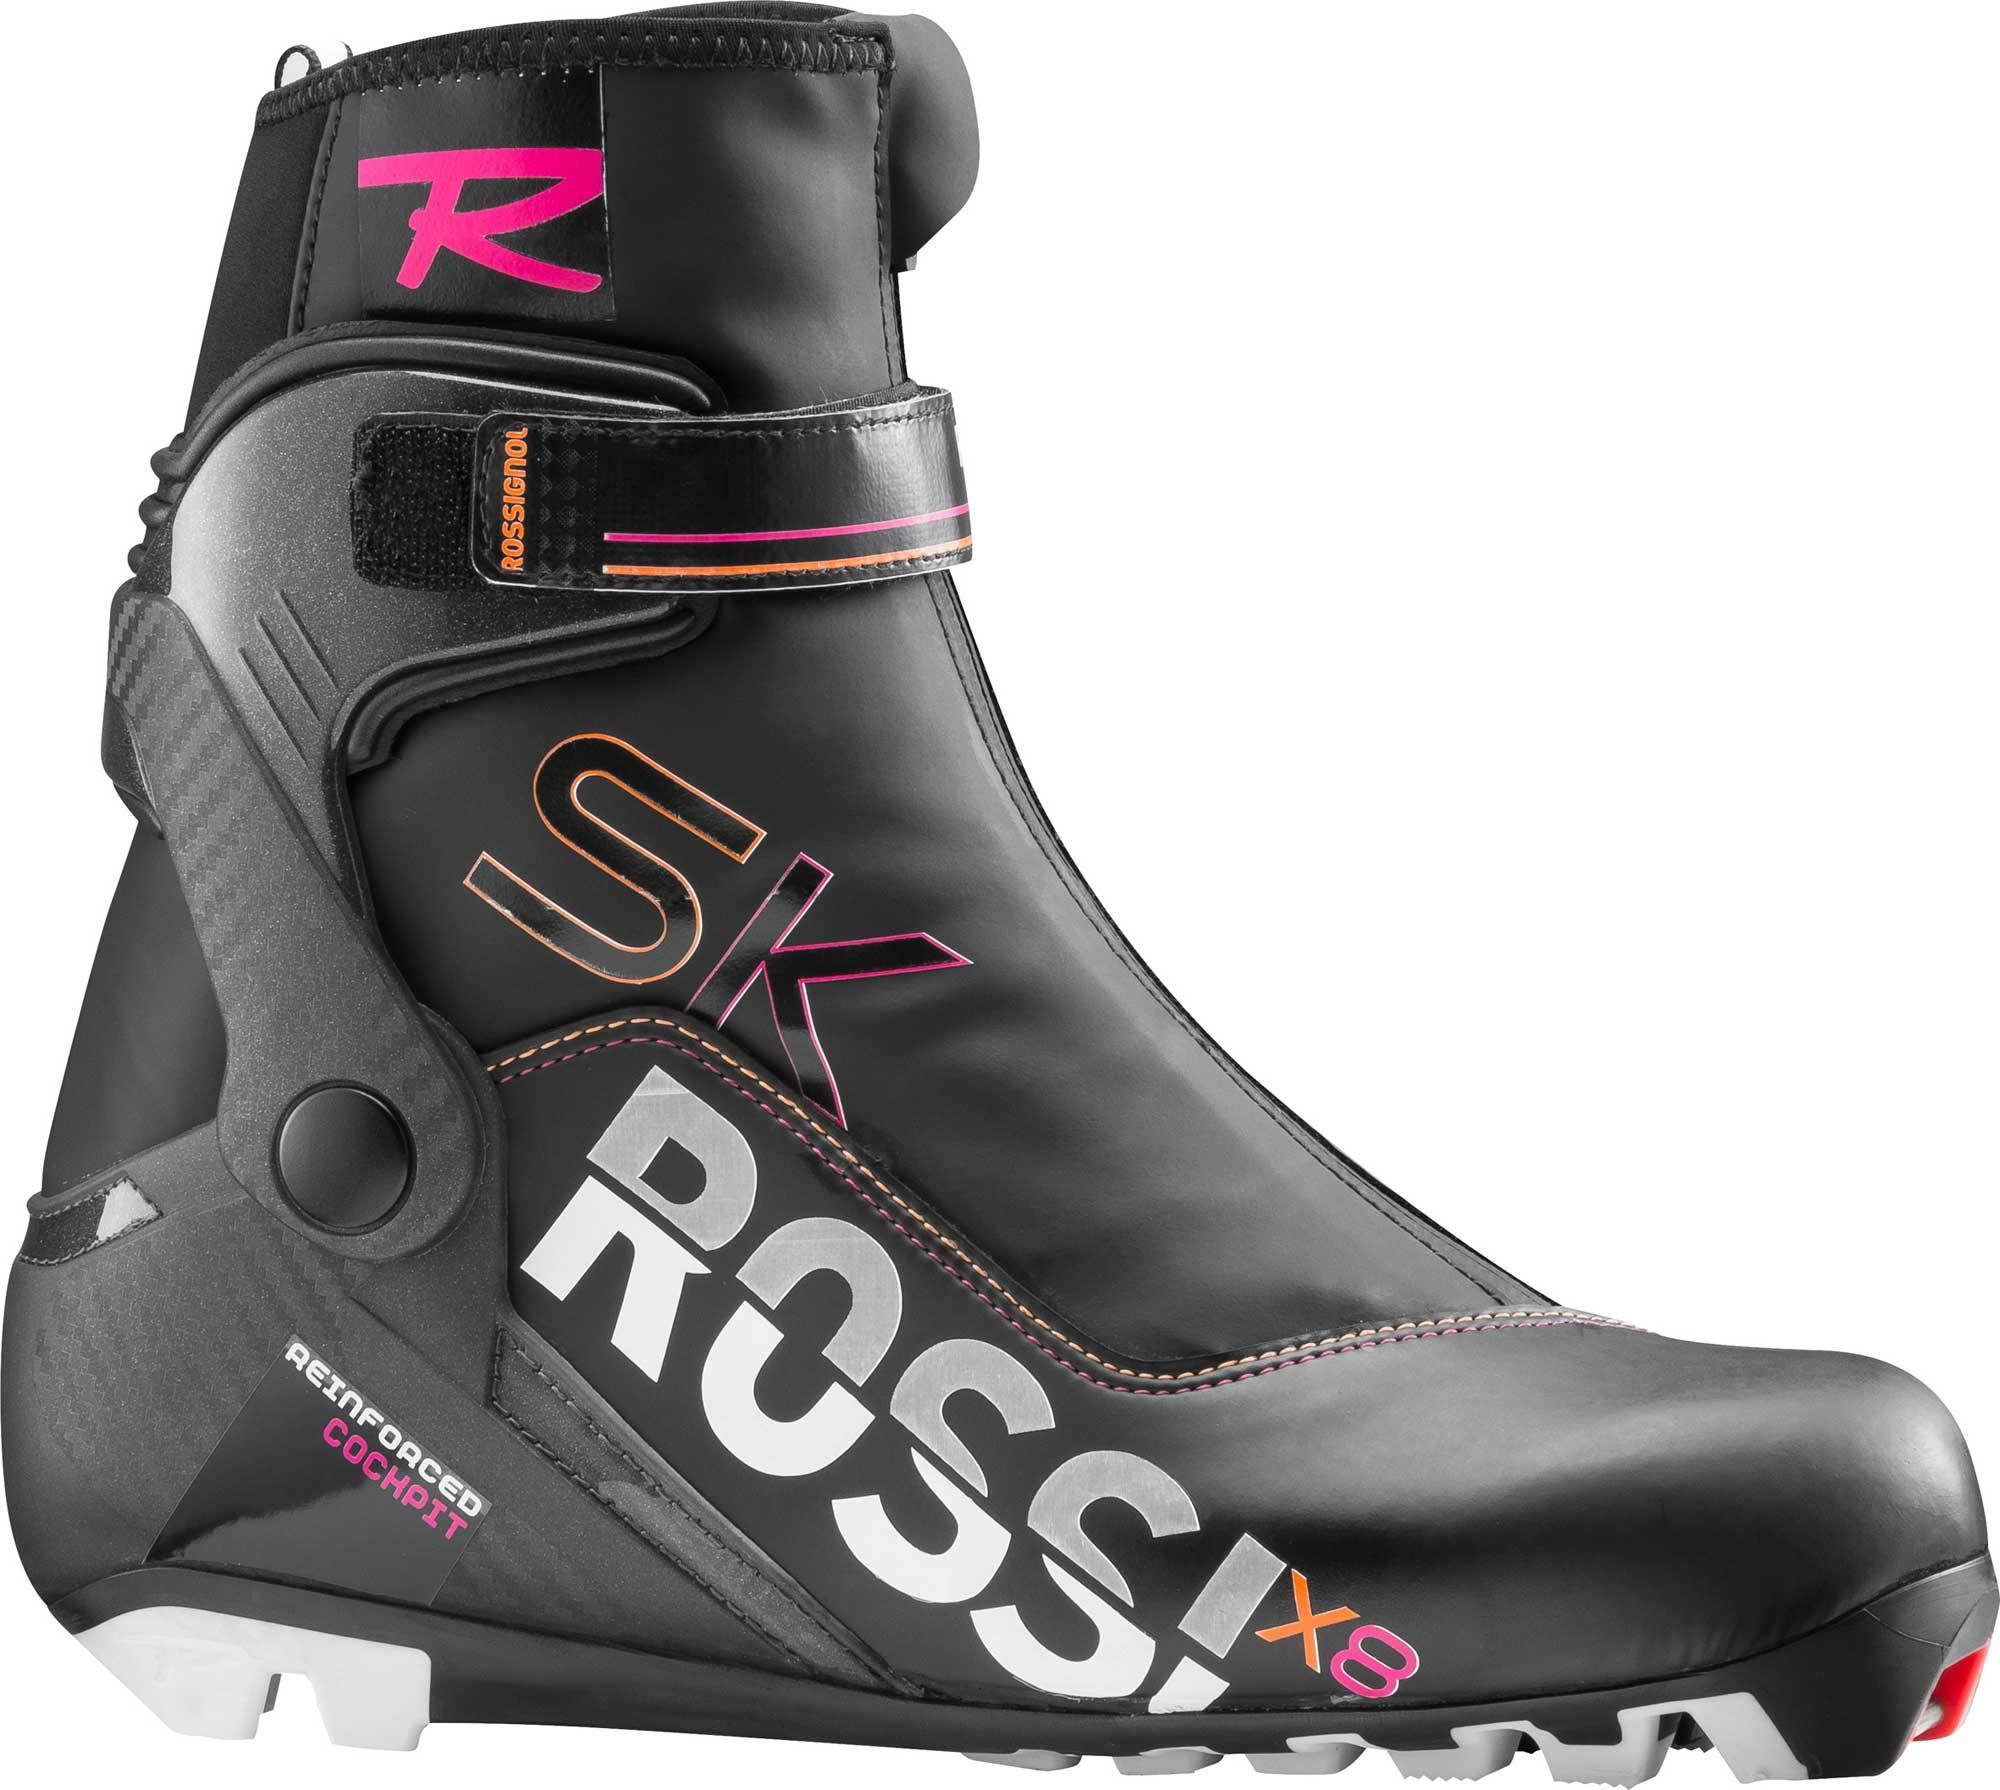 Boty na běžky Rossignol X-8 Skate FW - Ski a Bike Centrum Radotín 9841933c91